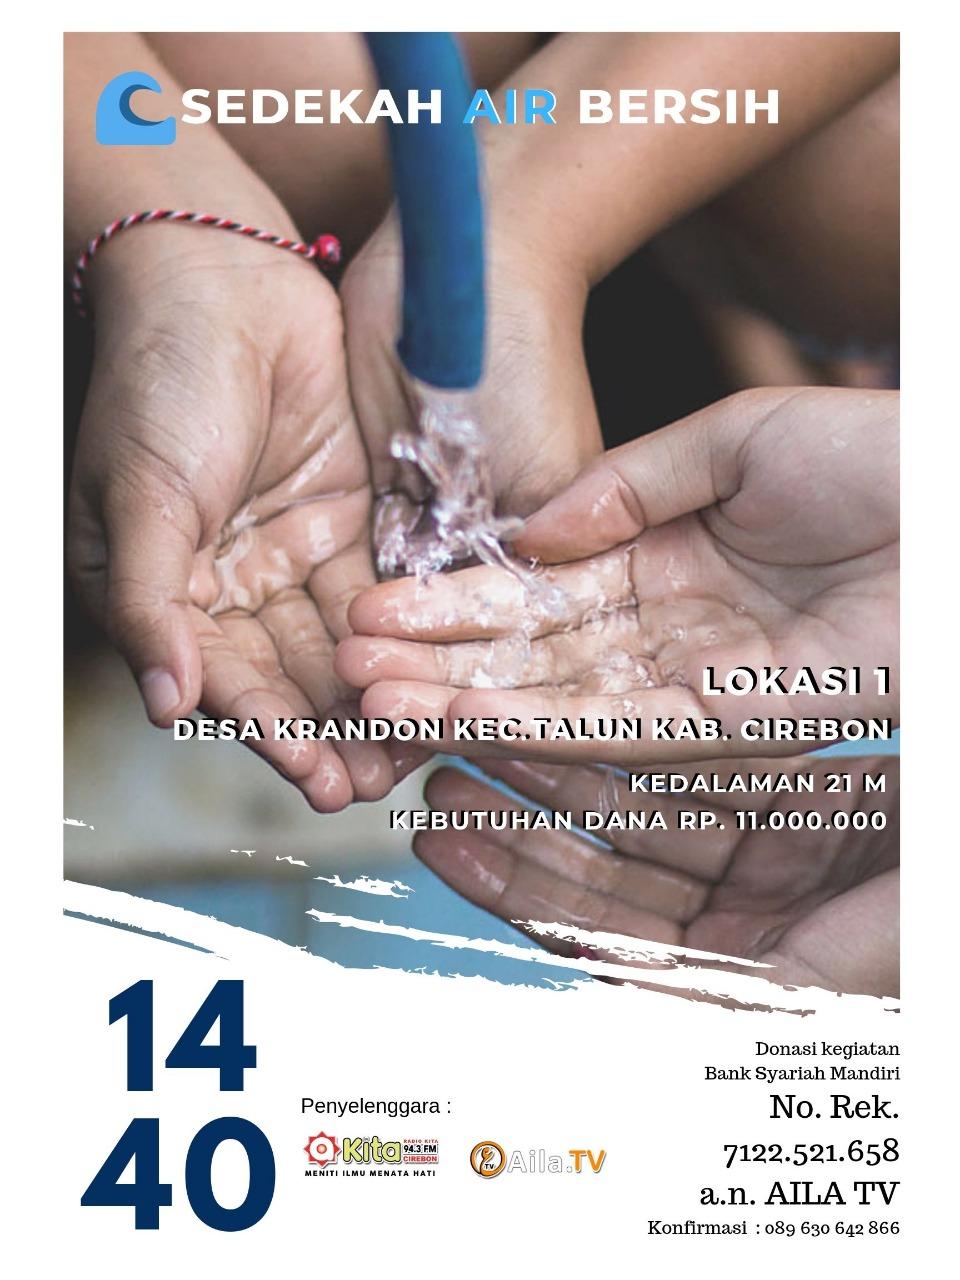 Donasi Air Bersih Untuk Desa Krandon Kab Cirebon